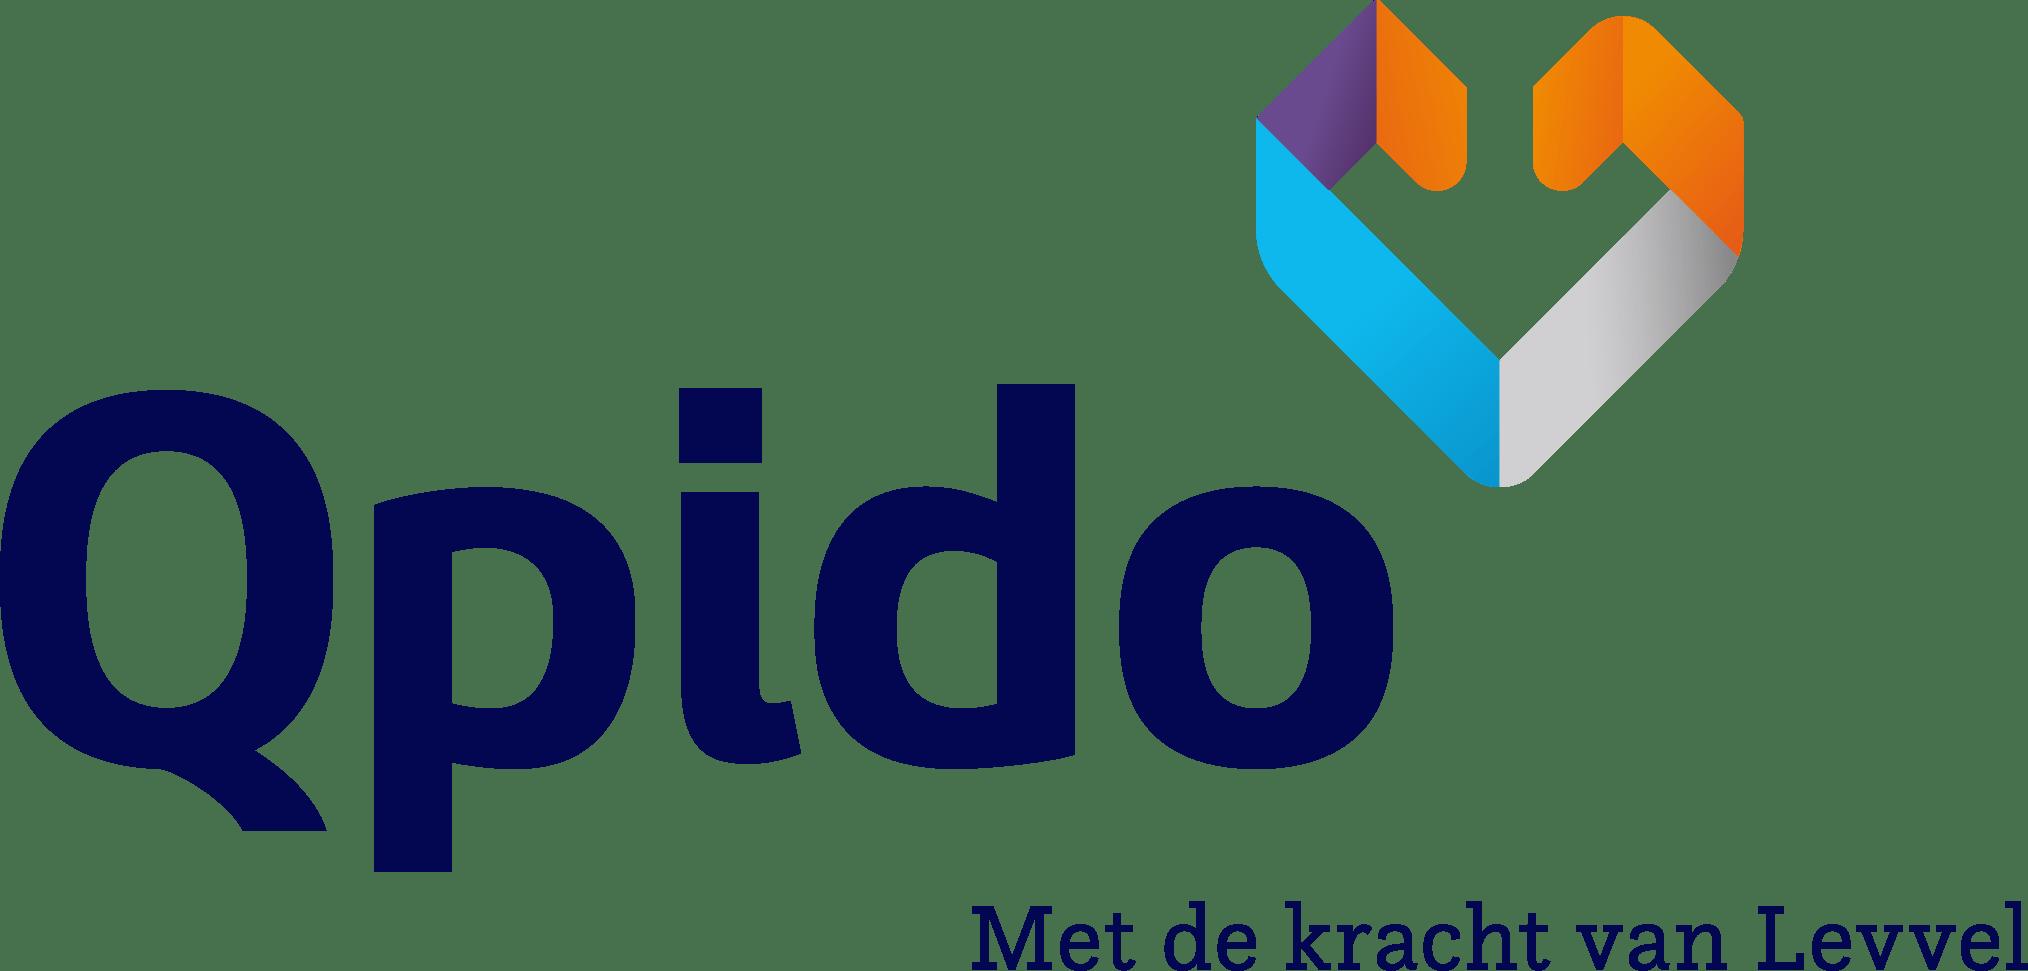 Qpido-Levvel-Endorsementtagline-transparant-achtergrond.png